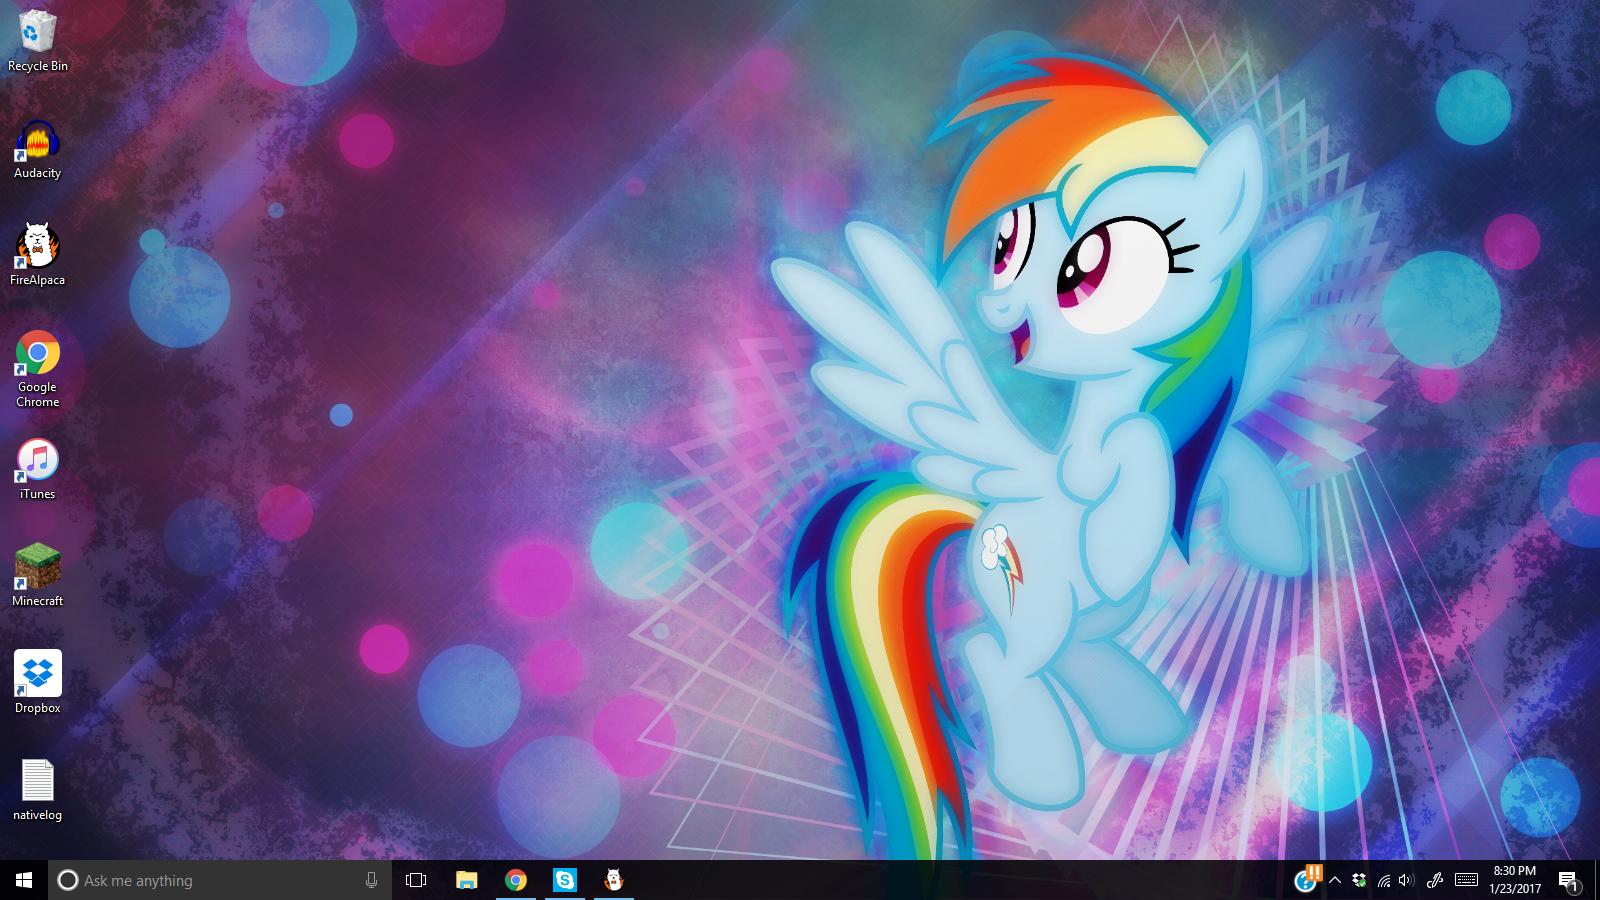 desktop_by_chibidashie-dawijt7.png